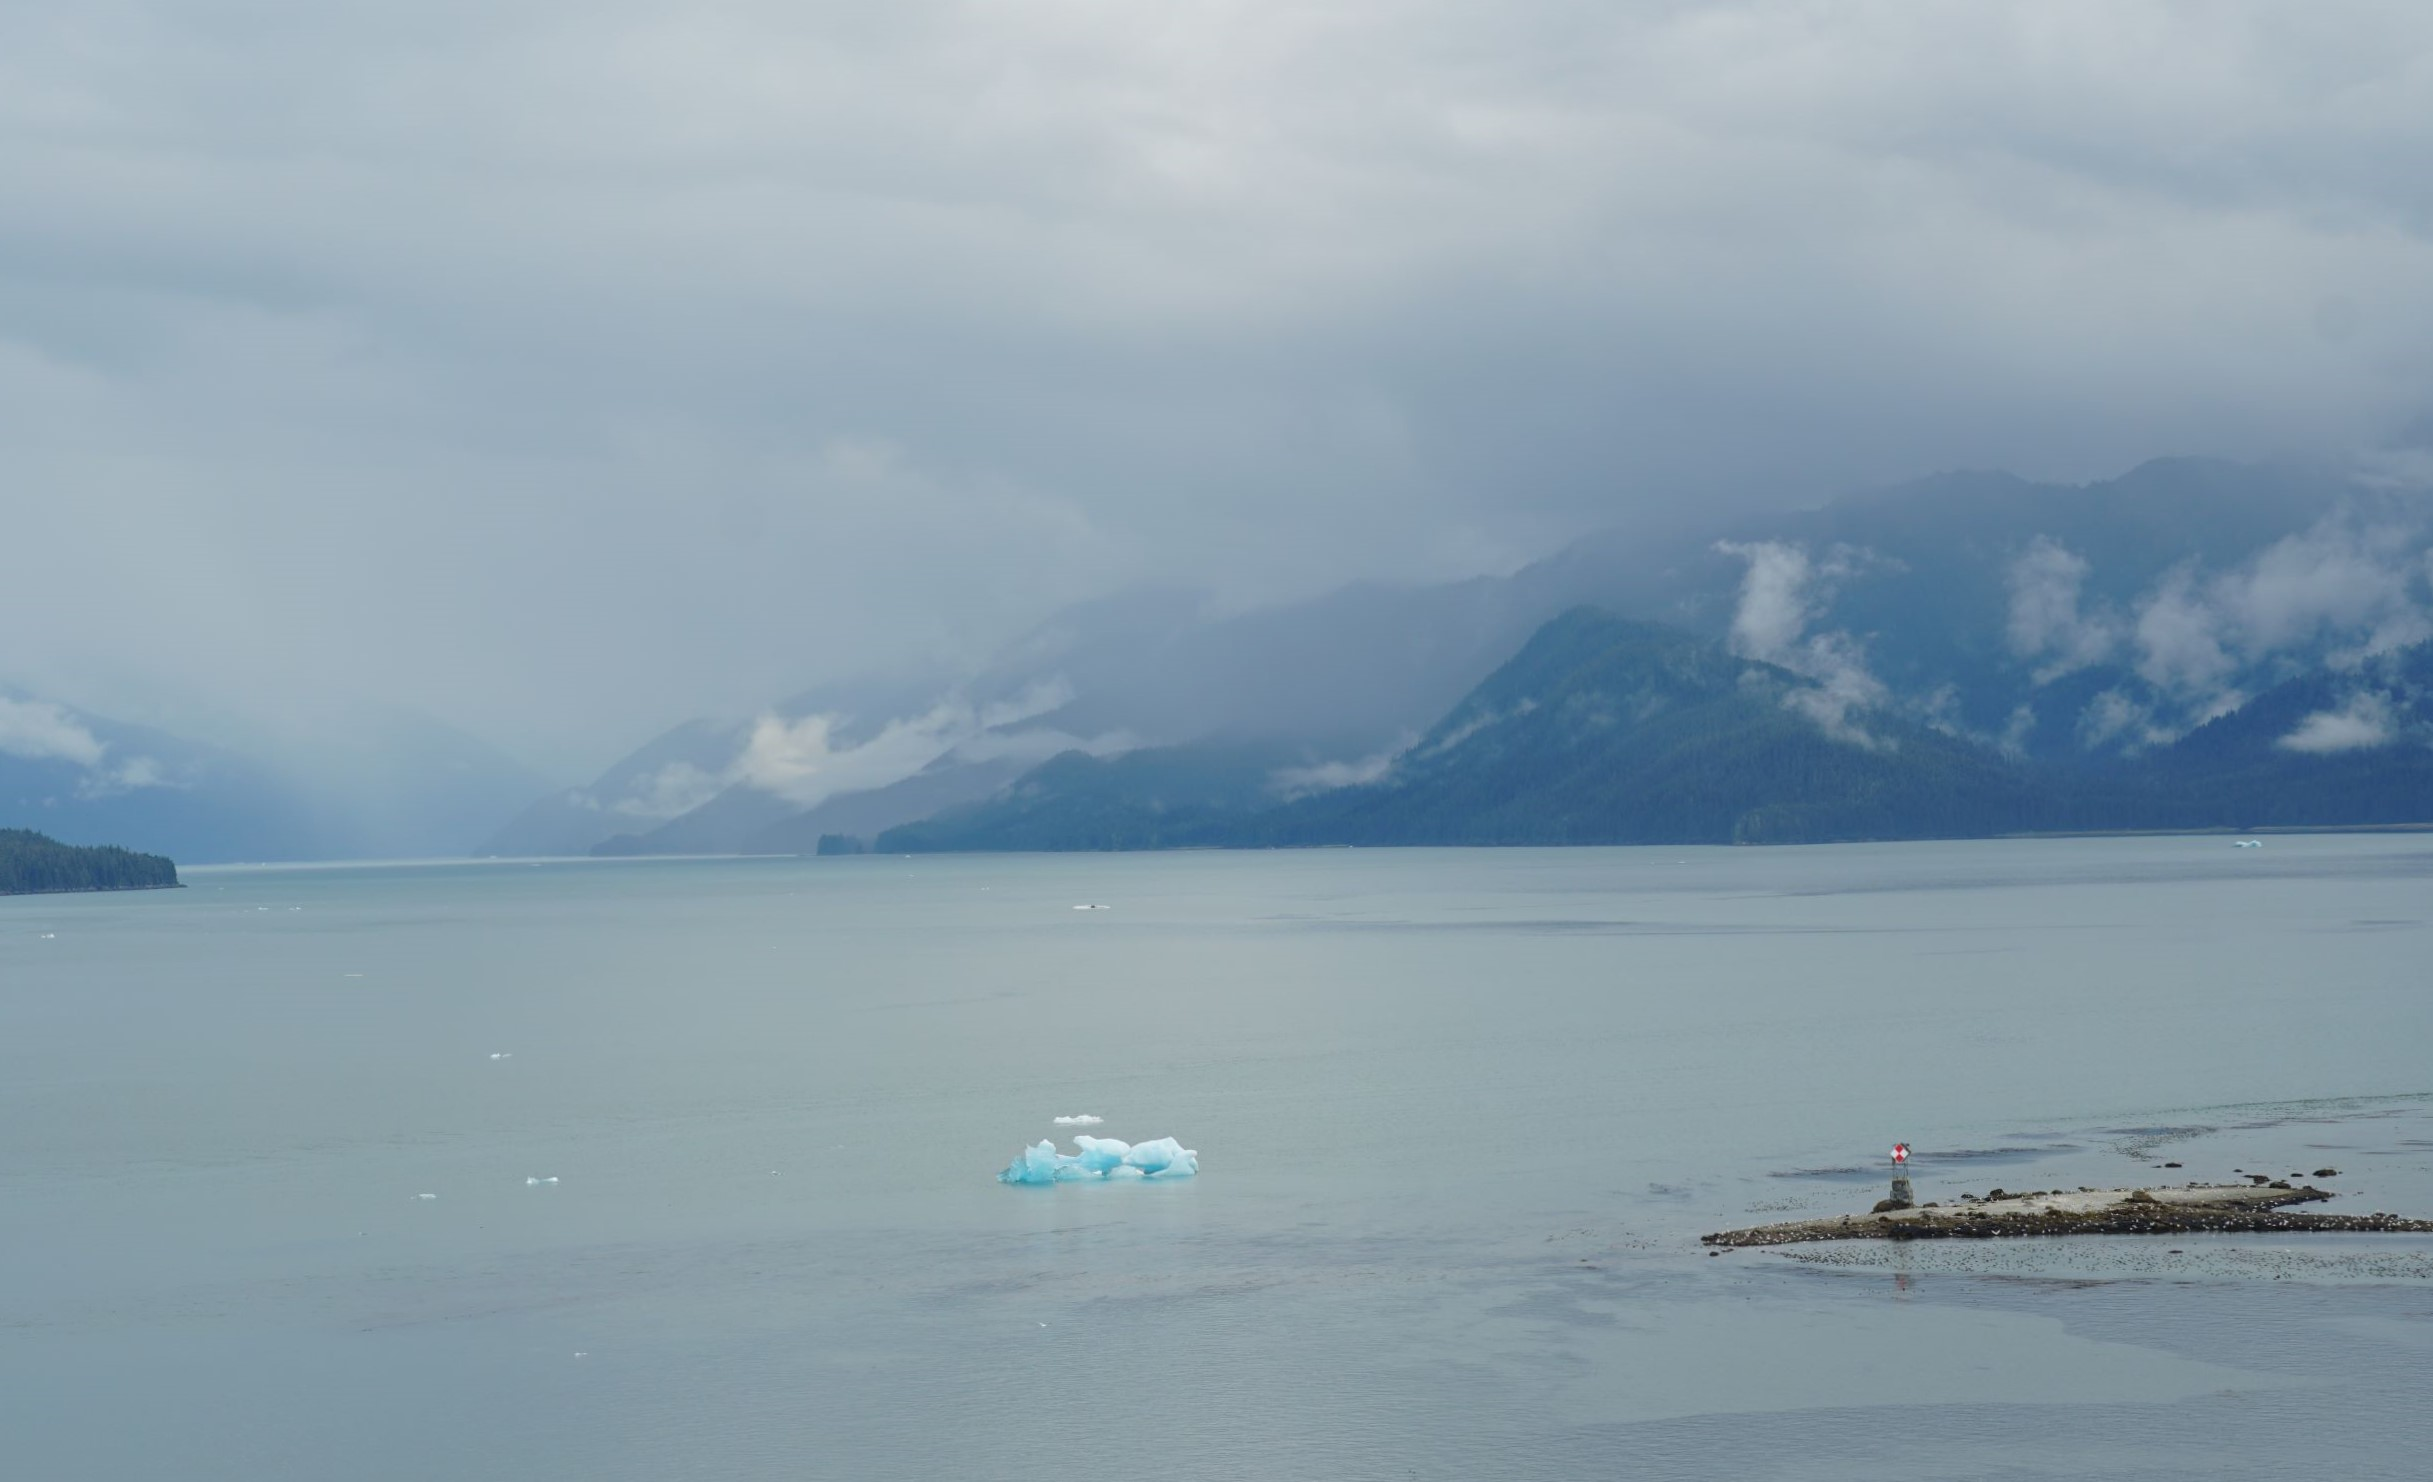 到處漂流的浮冰